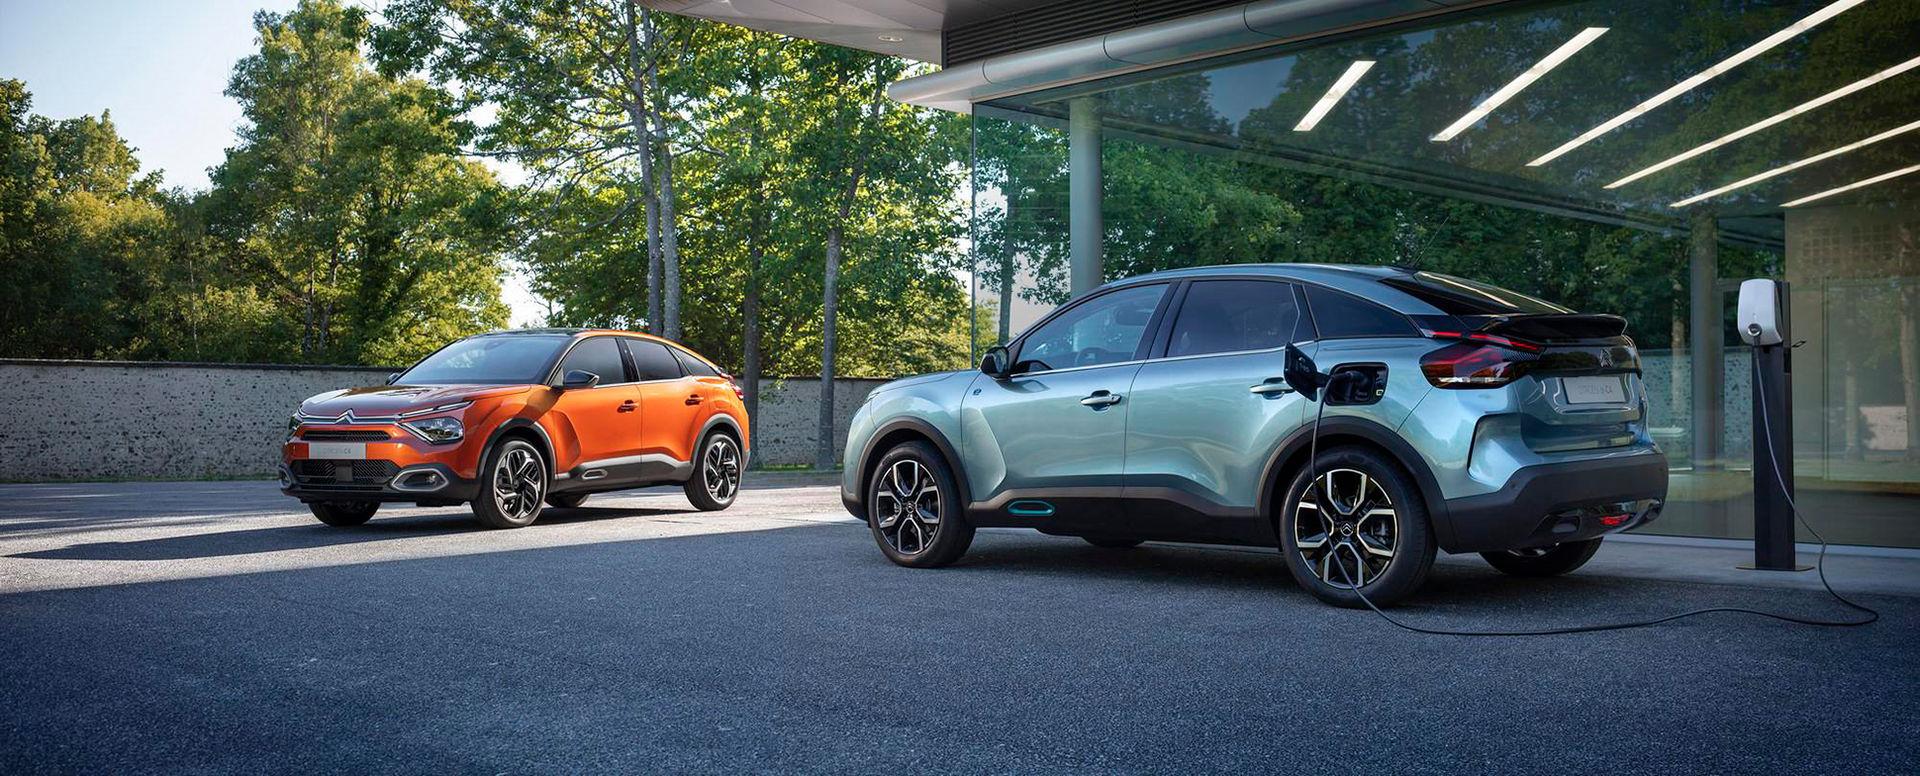 Citroën visar några bilder på nya C4